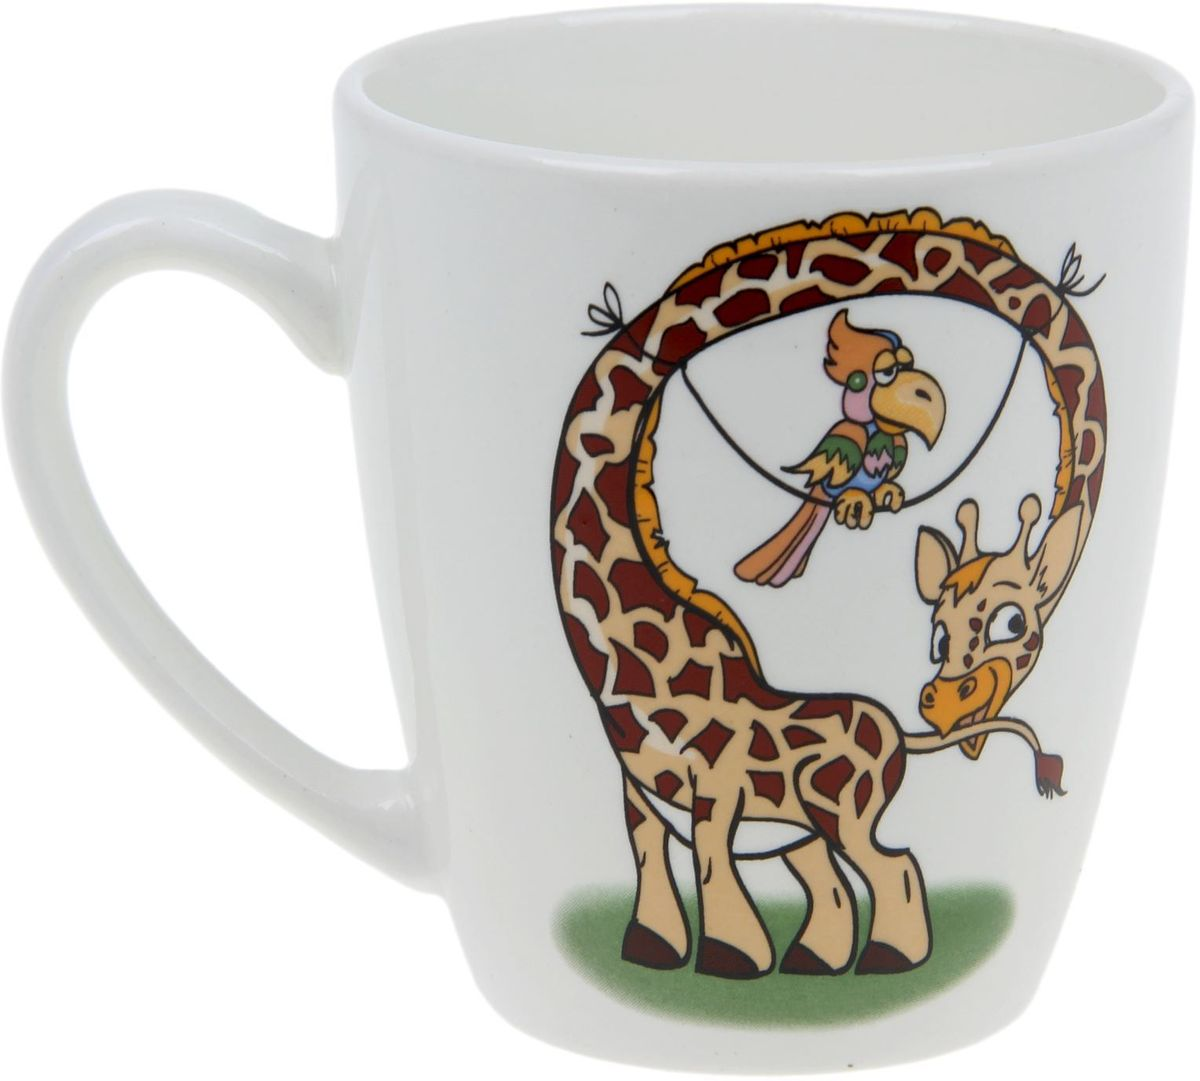 Кубаньфарфор Кружка детская Жираф 220 мл 14007971400797Фаянсовая детская посуда с забавным рисунком понравится каждому малышу. Изделие из качественного материала станет правильным выбором для повседневной эксплуатации и поможет превратить каждый прием пищи в радостное приключение.Особенности:- простота мойки,- стойкость к запахам,- насыщенный цвет.